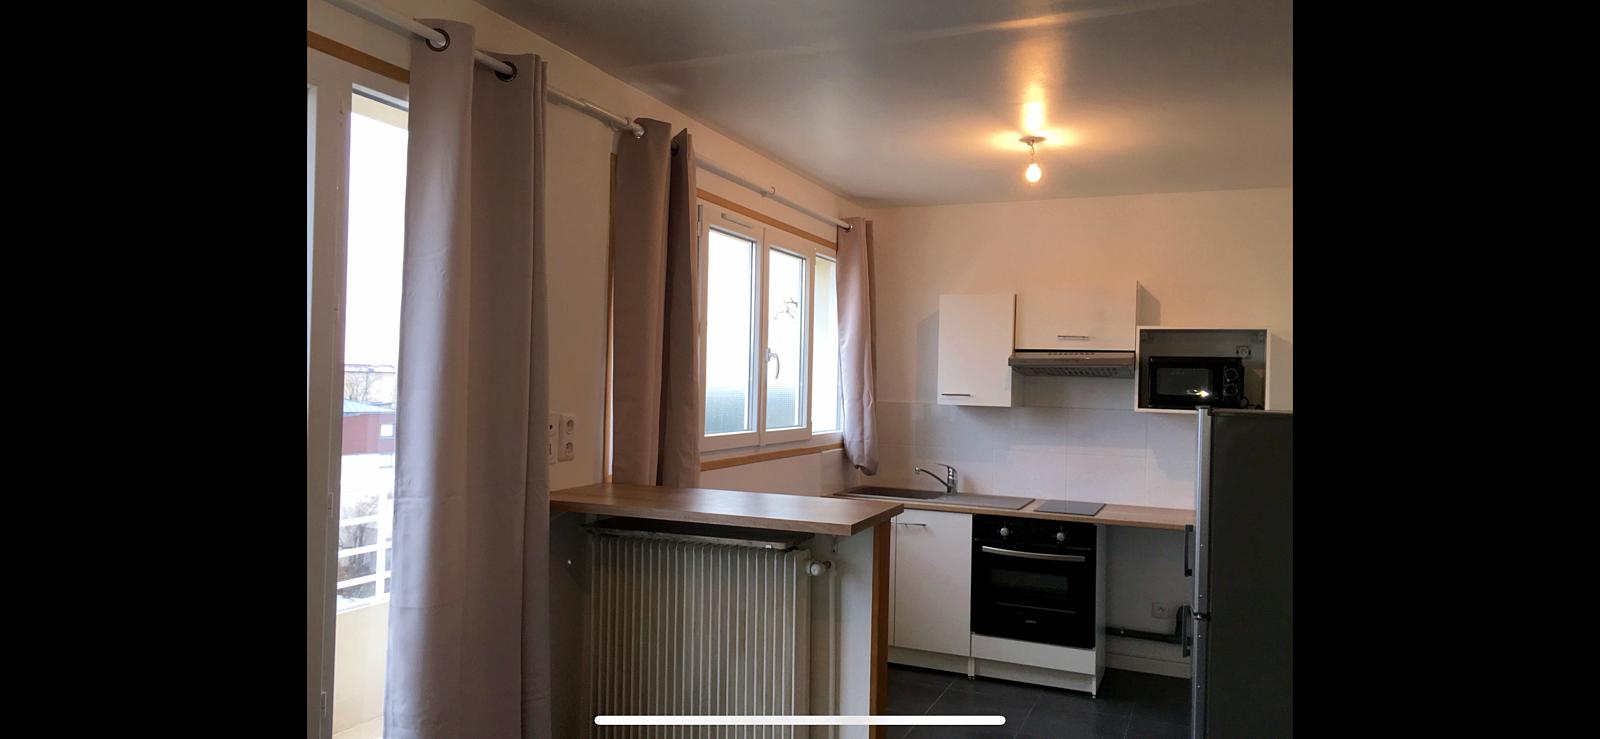 Loue studio avec balcon à Montreuil (93) - 27m²